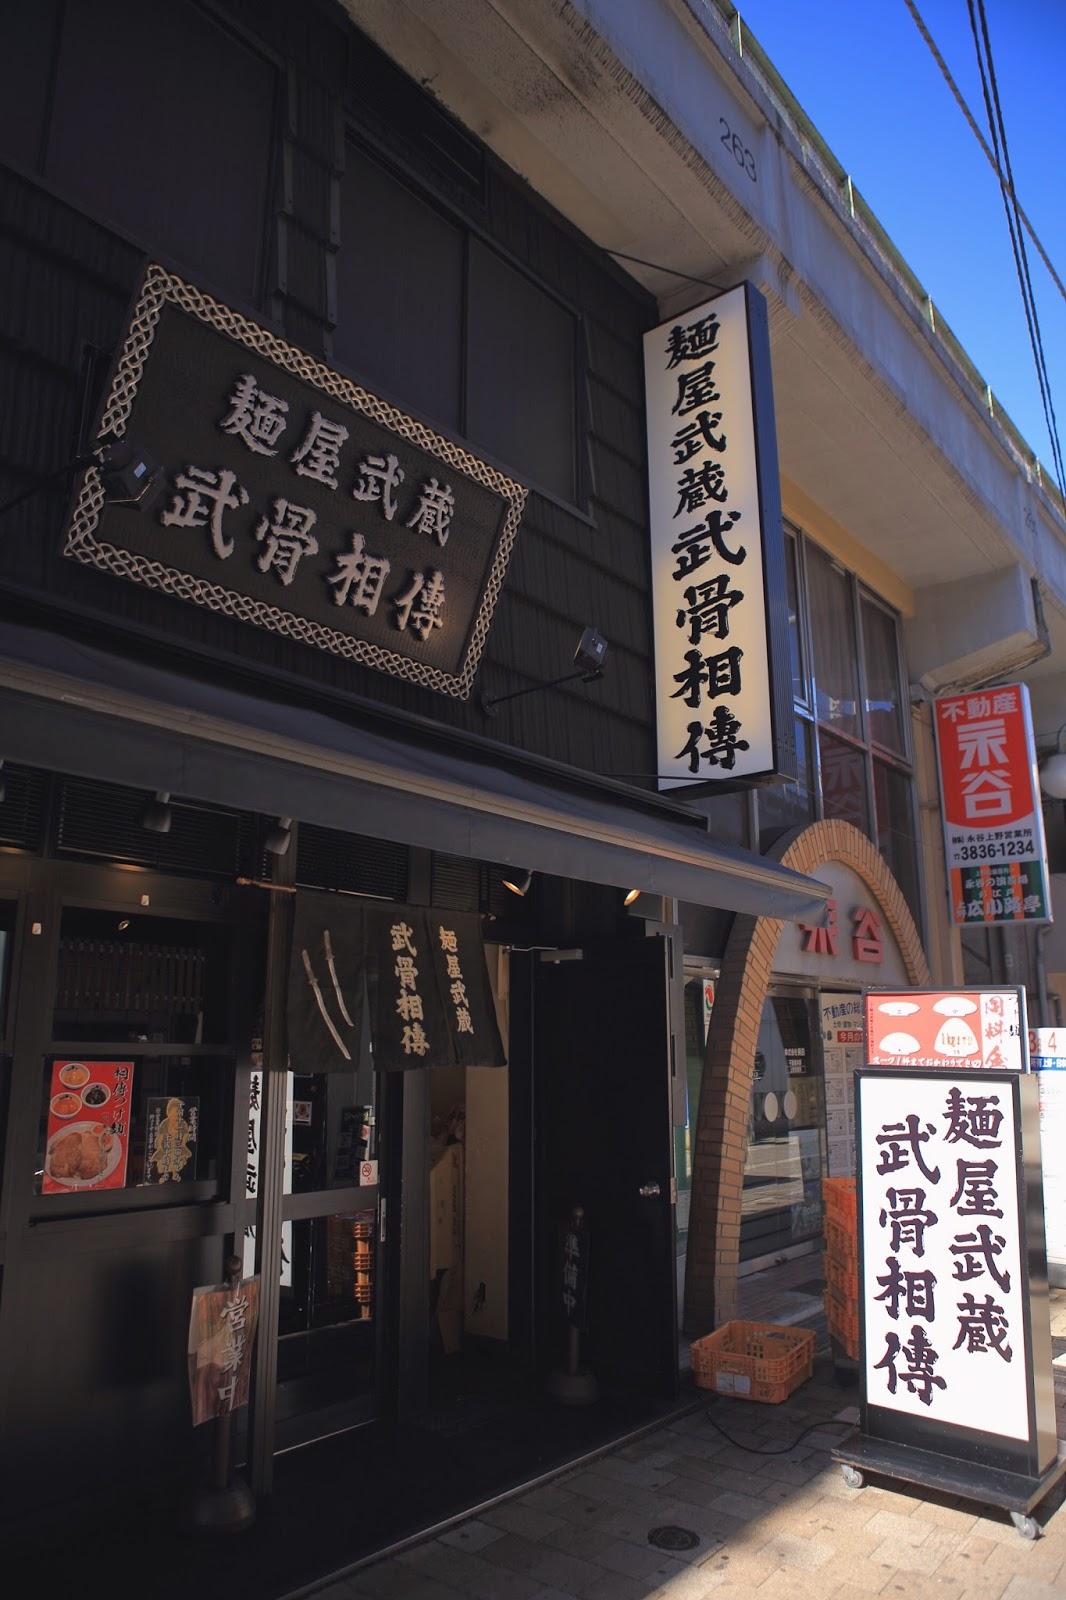 阿美橫町 東京都臺東區 美食,藥妝,零食,購物一應俱全,體驗日本街道的迷人魅力 - 小食日記